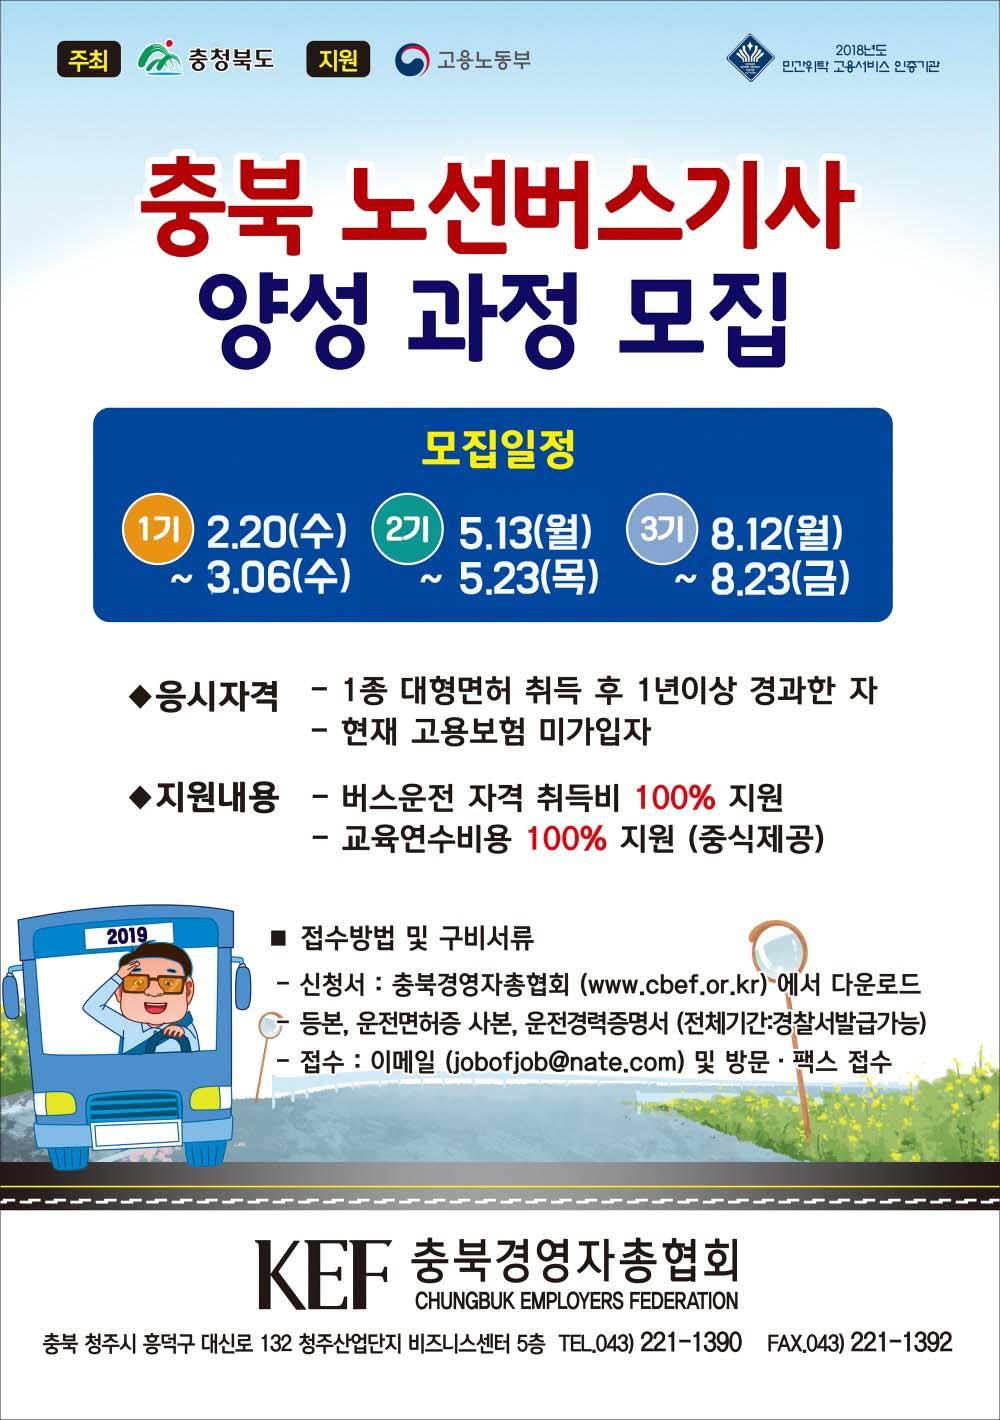 2019 노선버스기사 양성과정 교육생 모집 홍보 [이미지]